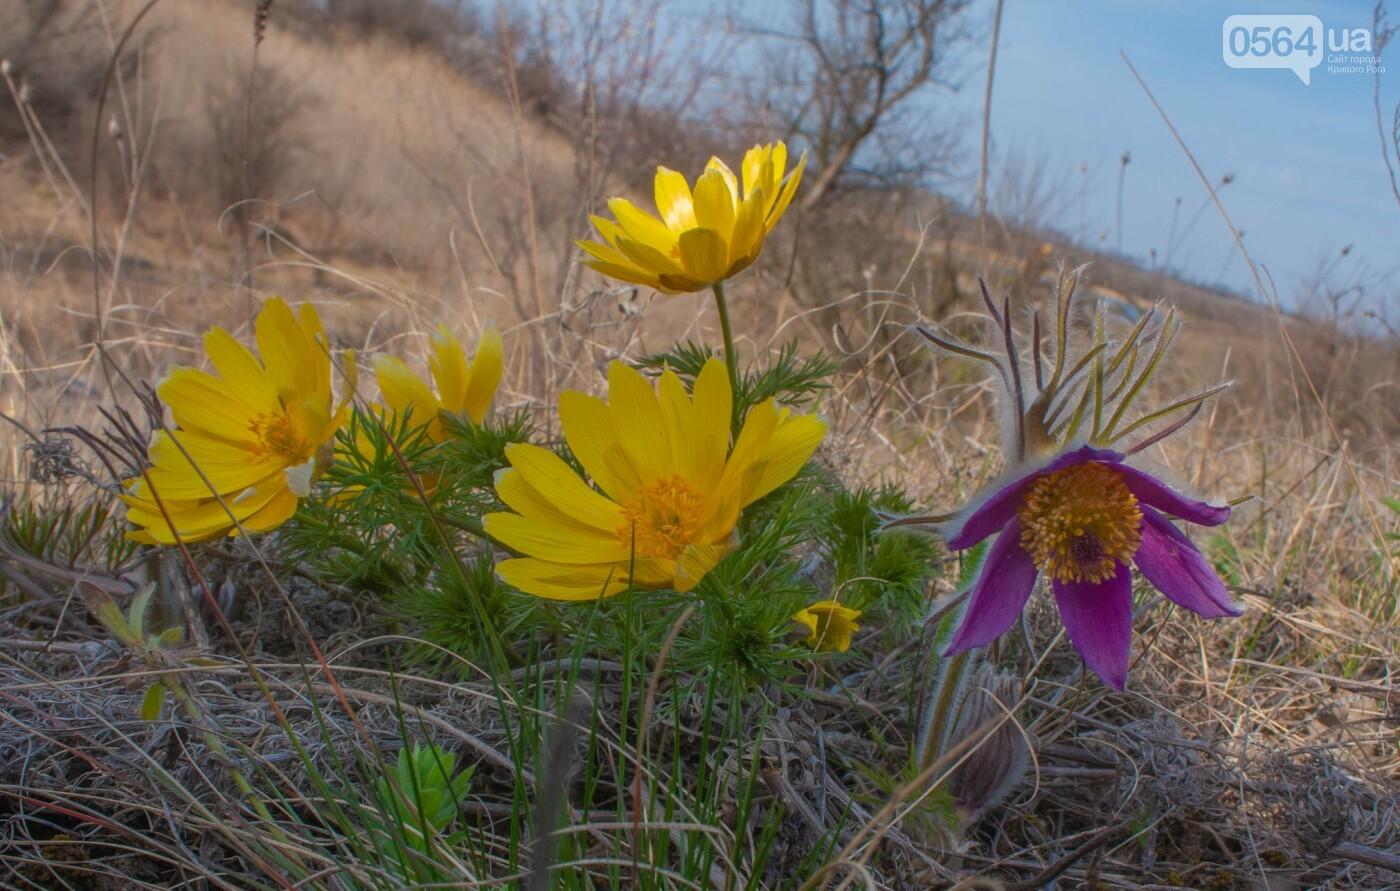 """""""Остановись, мгновение весны!"""", - криворожане любуются весной и сохраняют красоту на память, - ФОТО, фото-3"""